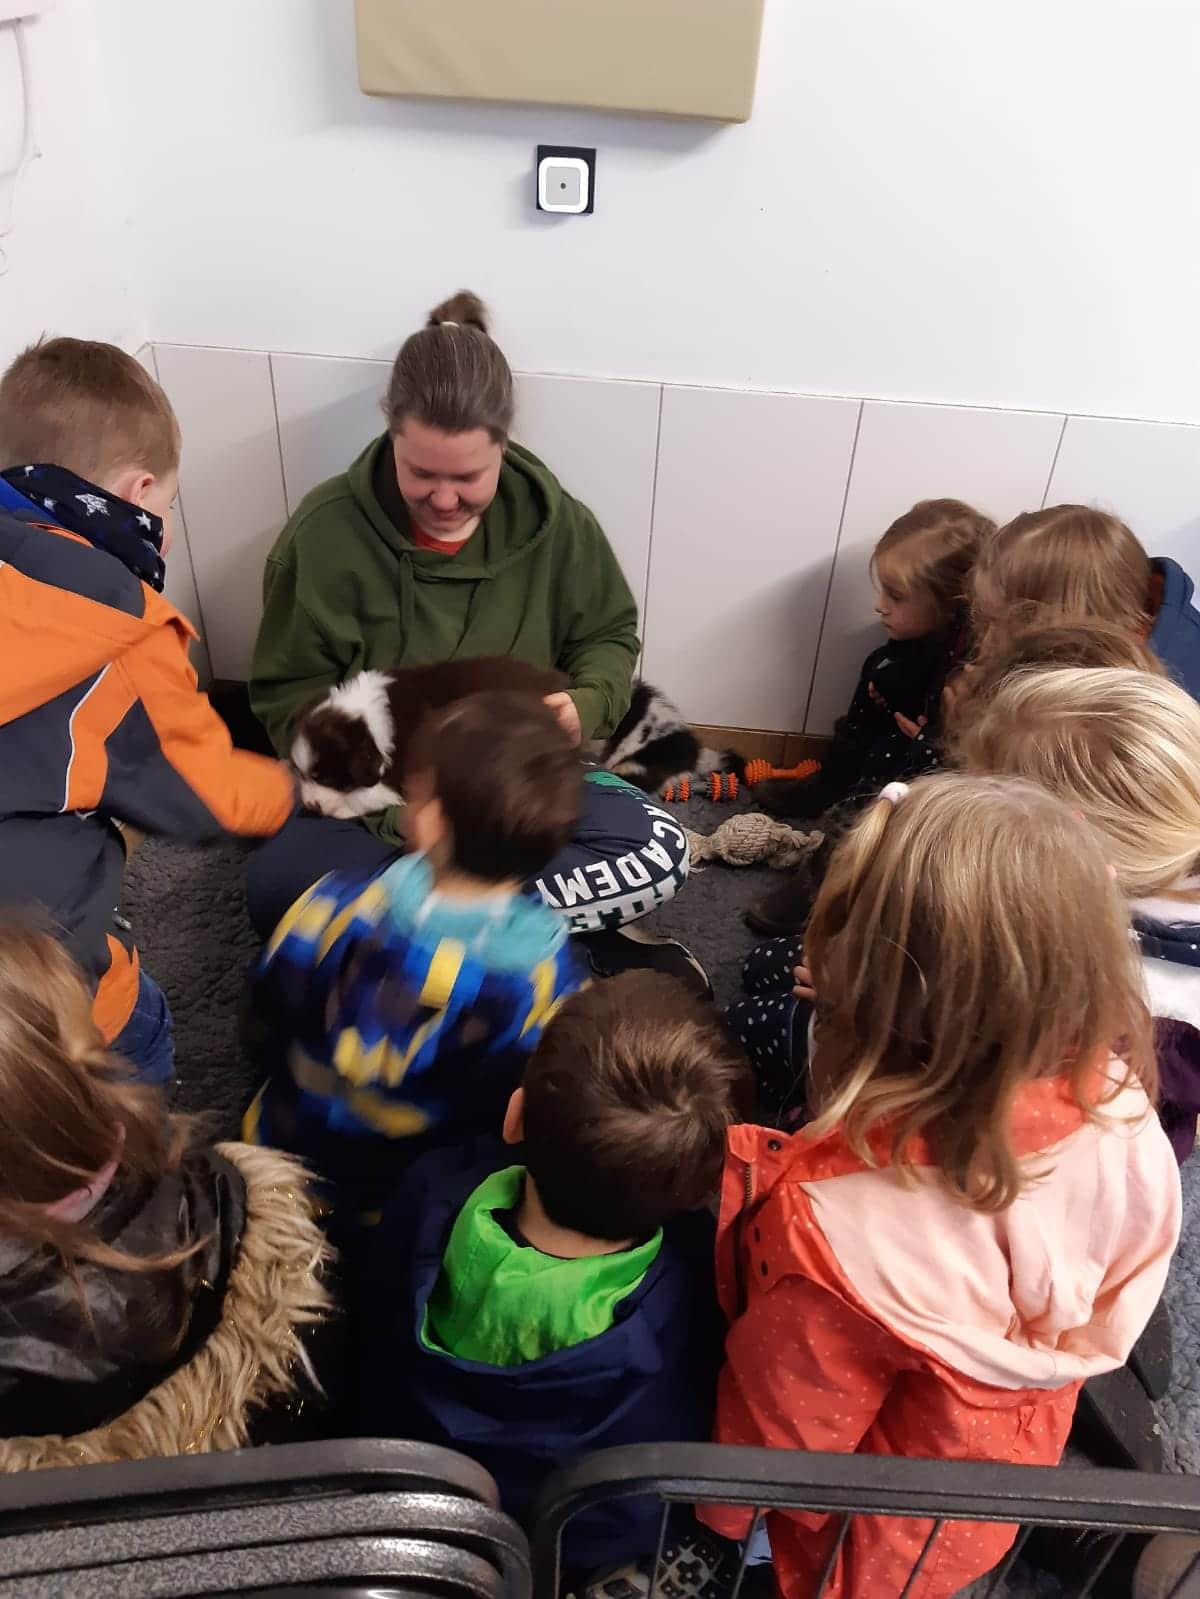 Seven Henry Welpen Kinder volle Dröhnung Bild 3 - Einsatz als Therapiehund